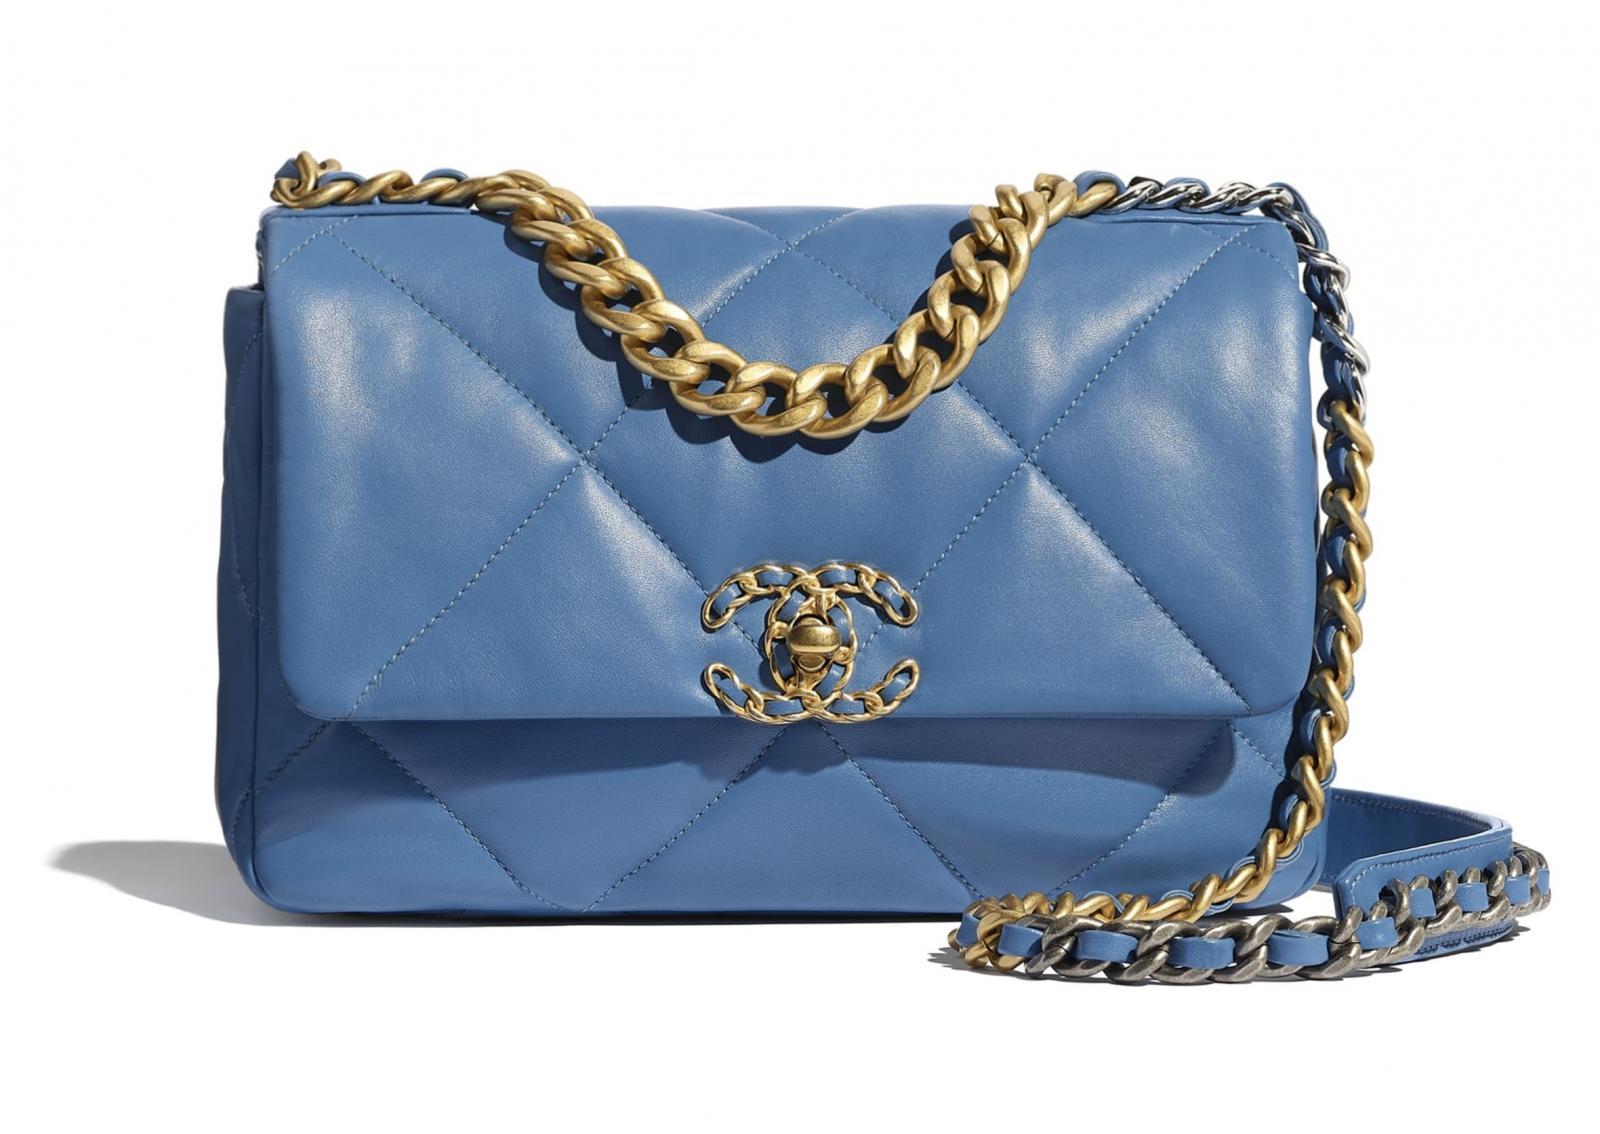 """2020秋冬包包跟著「迷霧藍」走!Chanel、LV、Celine...盤點10款""""全天候""""包款-0"""